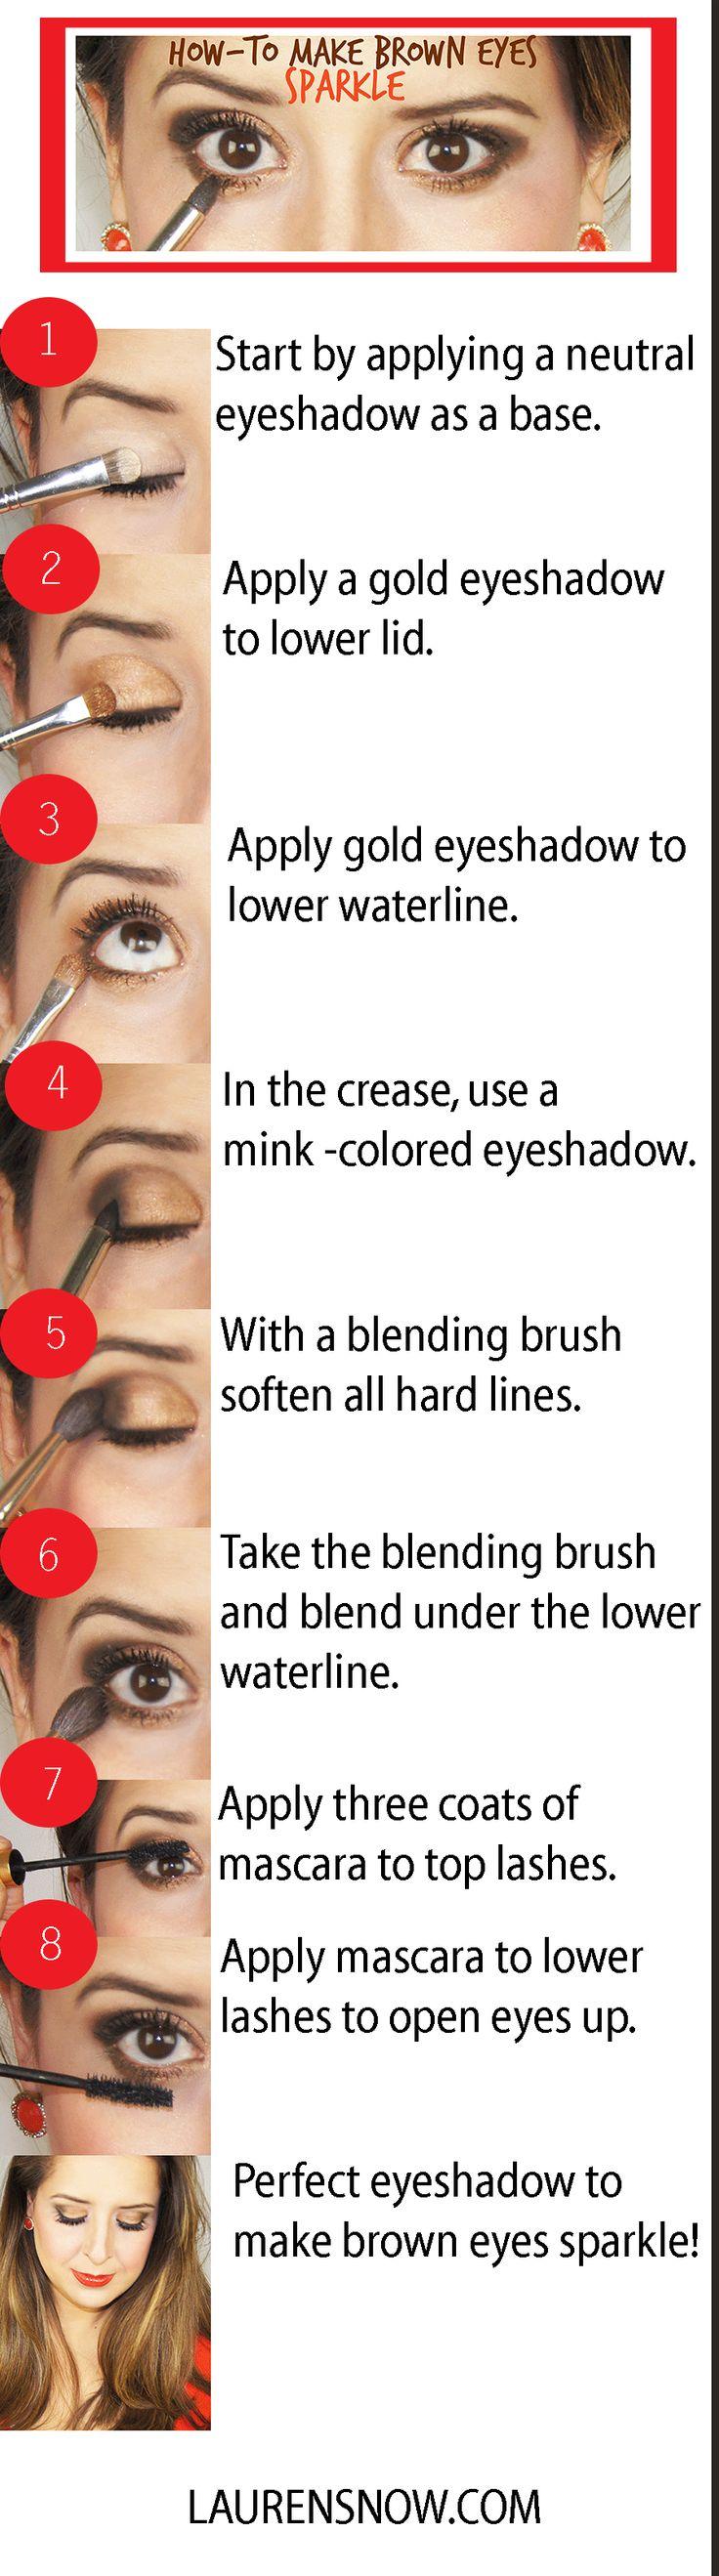 Eyeshadow for brown eyes